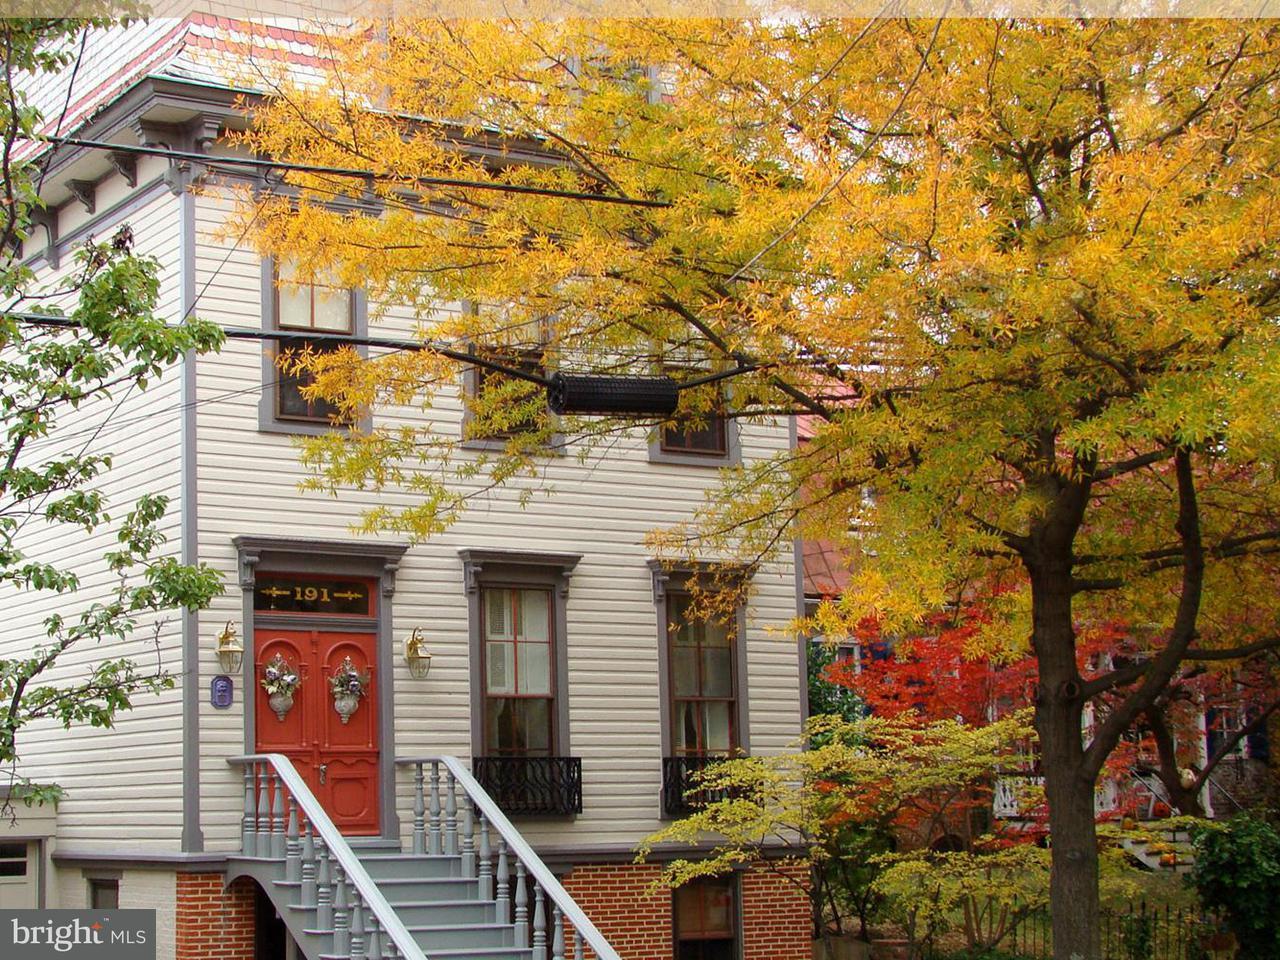 Коммерческий для того Продажа на 191 Prince George Street 191 Prince George Street Annapolis, Мэриленд 21401 Соединенные Штаты